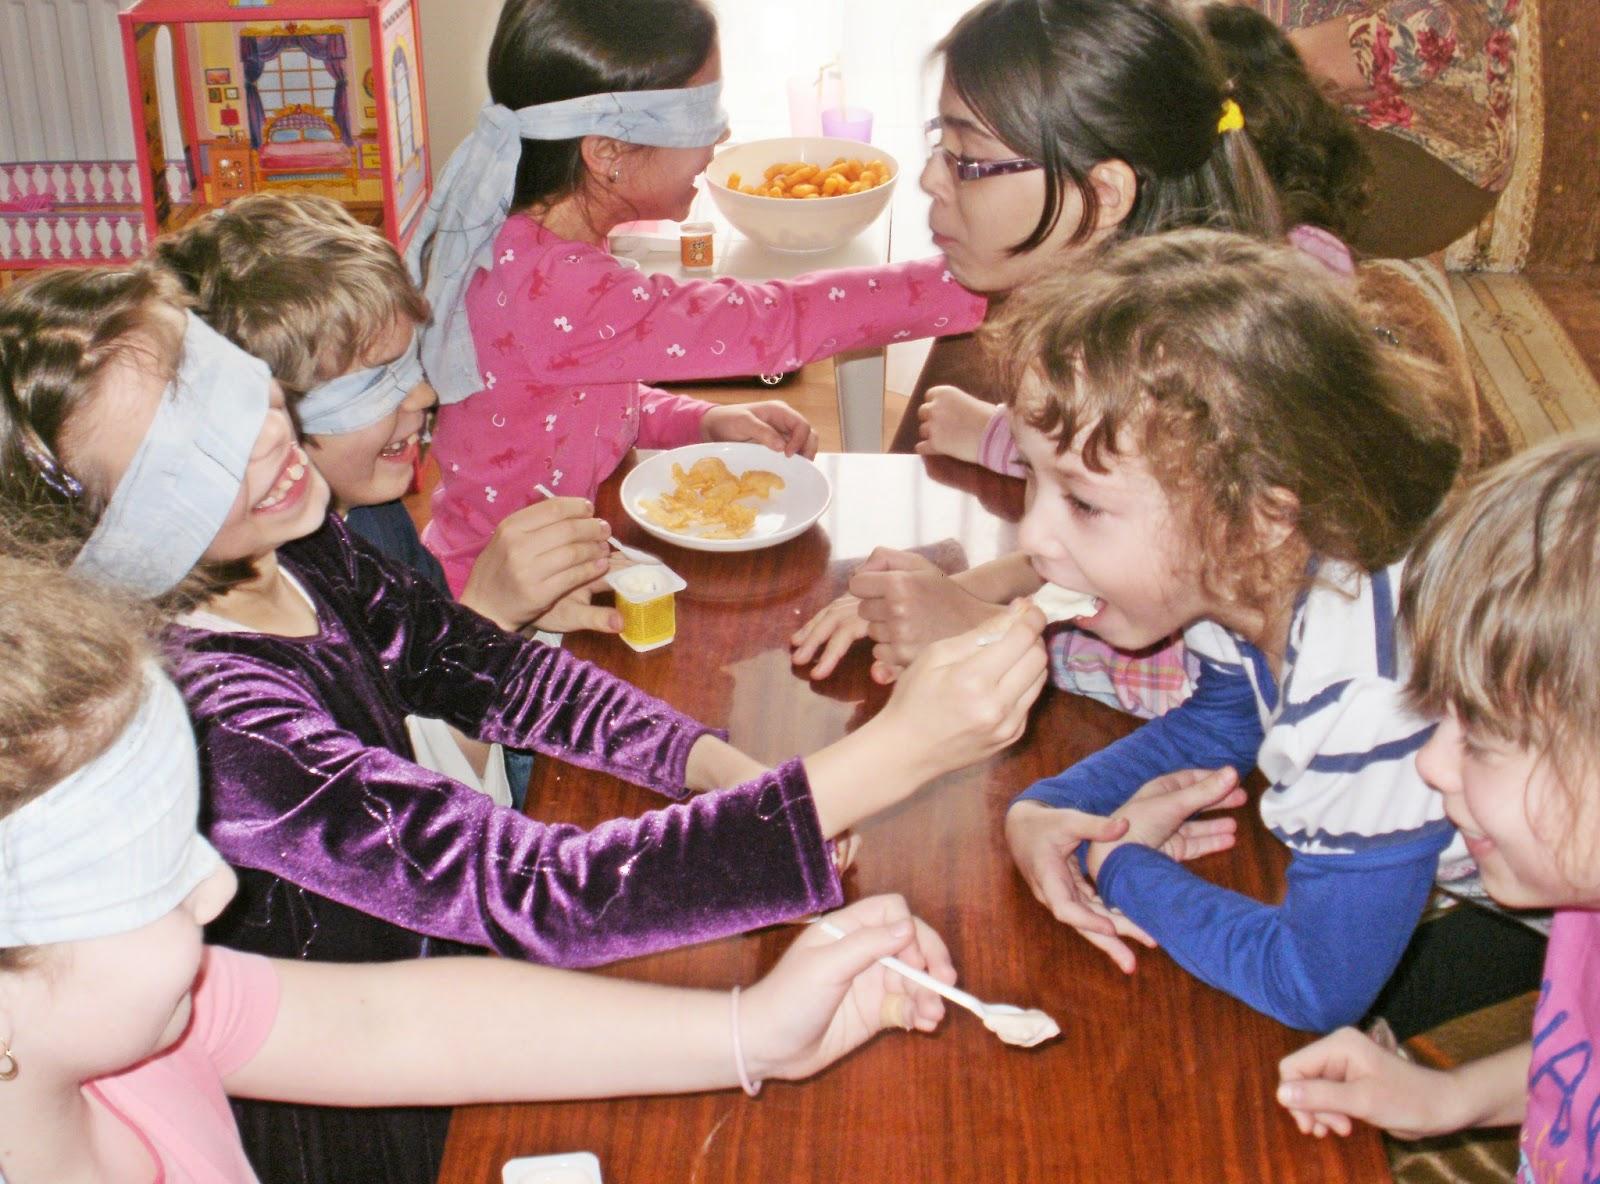 szülinapi játékok 13 éveseknek Sütis néne sütödéje: Születésnapi parti tippek (8 éves korosztály) szülinapi játékok 13 éveseknek